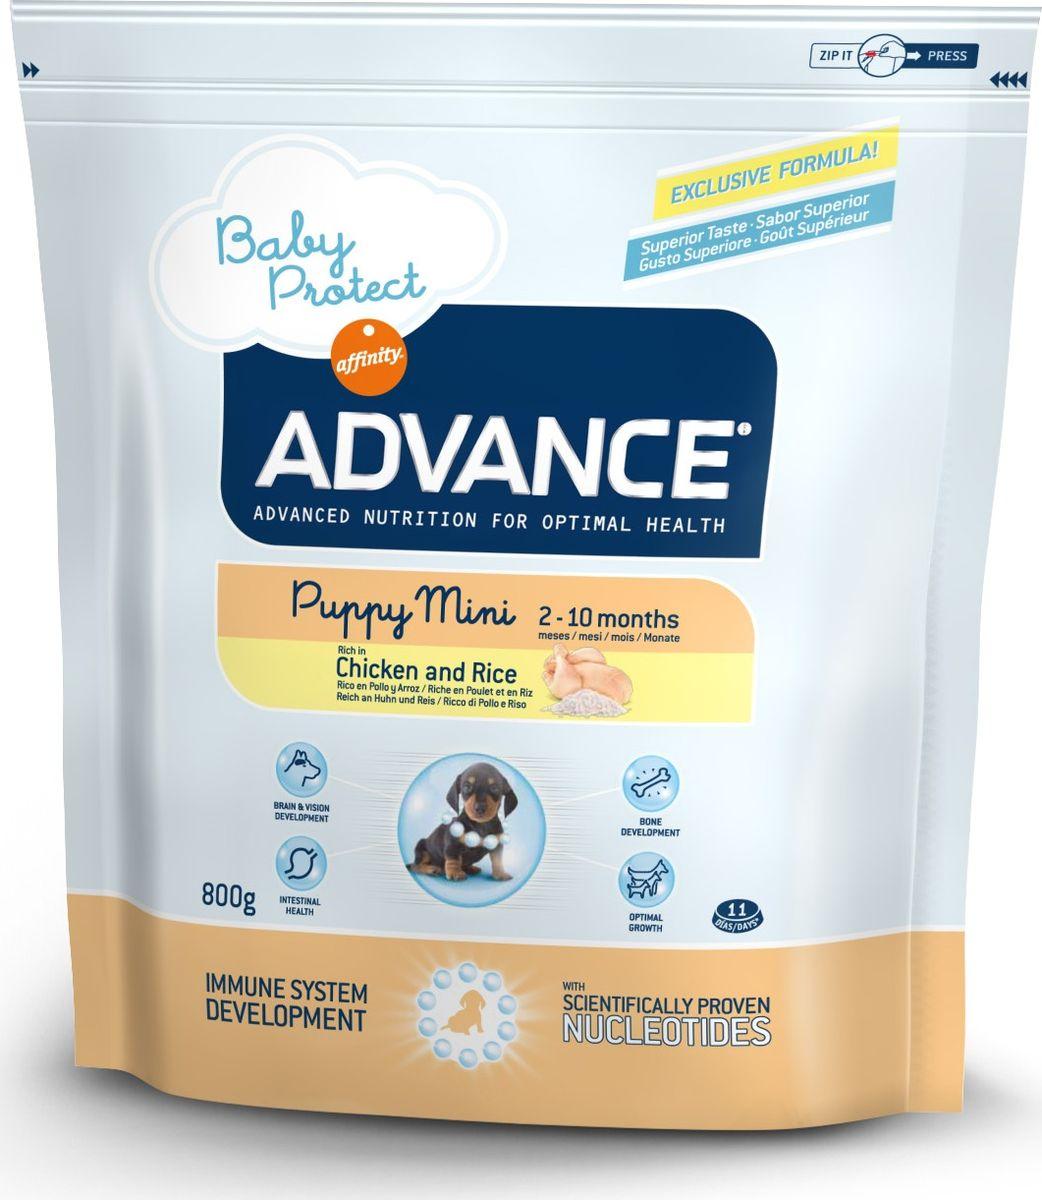 Корм сухой Advance Baby Protect Mini для щенков малых пород с 2 до 10 месяцев, 0,8 кг13043/501110Advance - высококачественный корм супер-премиум класса испанской компании Affinity Petcare, которая занимает лидирующие места на европейском и мировом рынках. Корм разработан с учетом всех особенностей развития и жизнедеятельности собак и кошек. В линейке кормов Advance любой хозяин может подобрать необходимое питание в соответствии с возрастом и уникальными особенностями своего животного, а также в случае назначения специалистами ветеринарной диеты. Affinity Petcare имеет собственную лабораторию, а также сотрудничает с множеством международных исследовательских центров, благодаря чему специалисты постоянно совершенствуют рецептуру и полезные свойства своих кормов. В составе главным источником белка является СВЕЖЕЕ мясо, благодаря которому корм обладает высокими вкусовыми качествами, а также высокой питательной ценностью. Advance Baby Protect Mini - высококачественный сбалансированный корм, специально разработанный для щенков (от 2 до 8 месяцев) мини-пород (вес взрослой собаки до 10 кг), а также для беременных и кормящих собак. Эксклюзивная формула, содержащая нуклеотиды, которая помогает повысить эффективность репликации клеток и обеспечивает оптимальное развитие тканей растущих щенков. Ускоренный эффект репликации клеток позволяет активизировать иммунную систему, усиливая защитный барьер организма против бактерий, вирусов и других патогенов. Корм с содержанием пребиотиков, пробиотиков и иммуноглобулинами для правильного развития и защиты желудочно-кишечного тракта.Состав: курица (20%), рис (17%), дегидрированное мясо курицы, мука из маиса, животный жир, маис, пшеница, гидролизованный белок животного происхождения, свекольный жом, рыбий жир, яичный порошок, дрожжи, плазменный протеин, хлористый калий, соль, трикальцийфосфат, нуклеотиды.Анализ: протеин 30%, жиры 21%, сырые волокна 2,5%, неорганическое вещество 7%, кальций 1,2%, фосфор 1%, влажность 8%.Энергетическая ценн